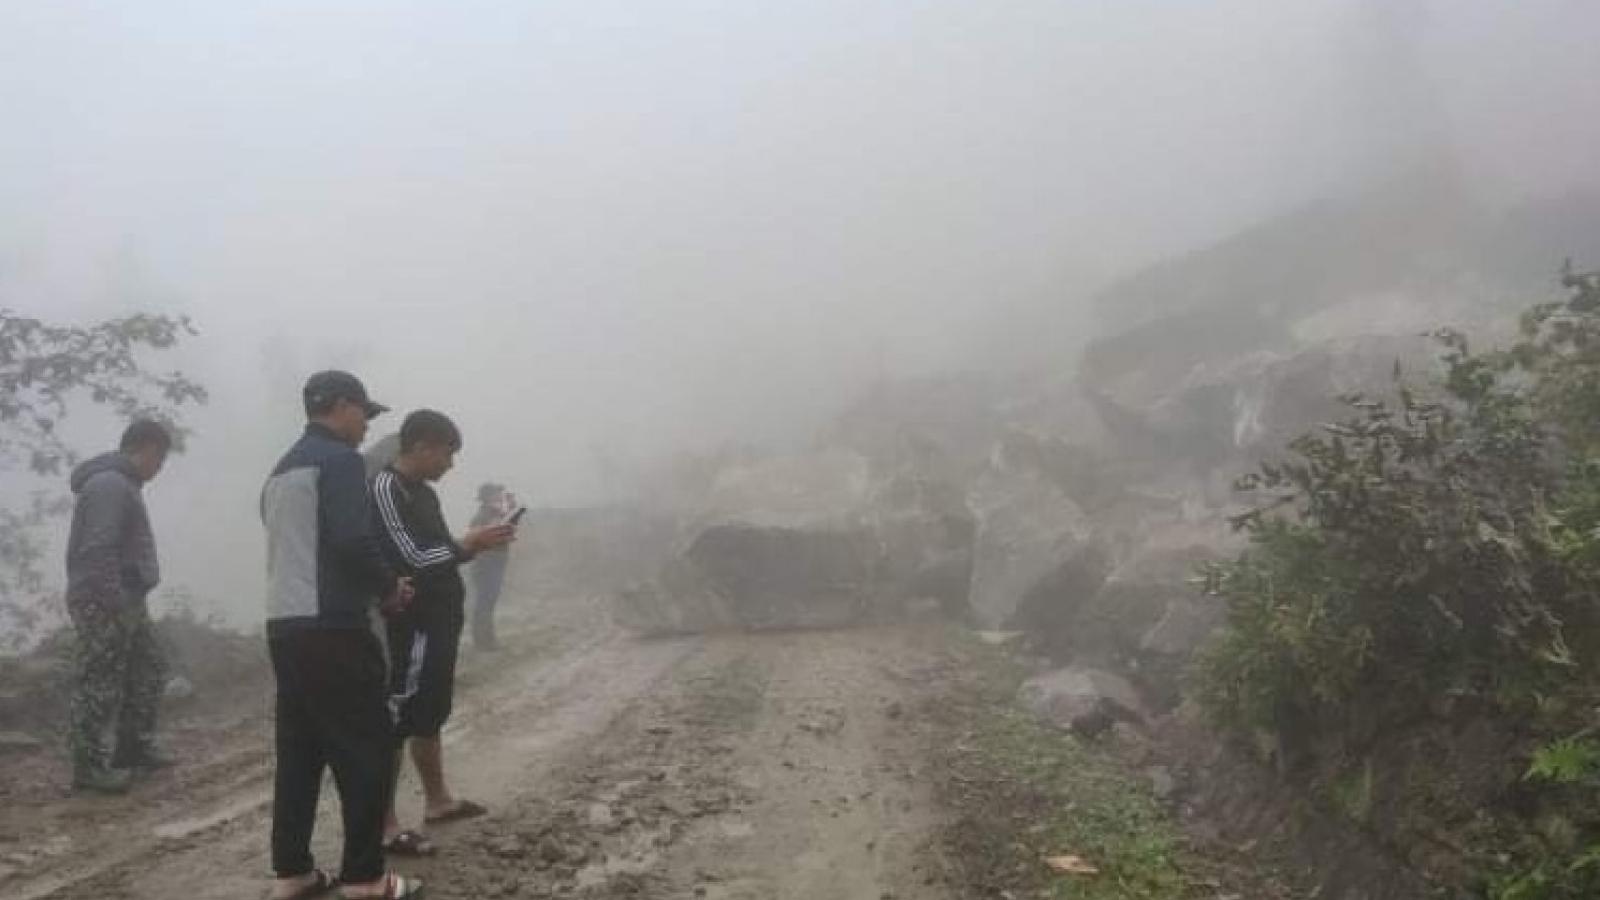 Hàng chục nghìn khối đất đá vùi lấp tỉnh lộ 158 đi Bát Xát, Lào Cai